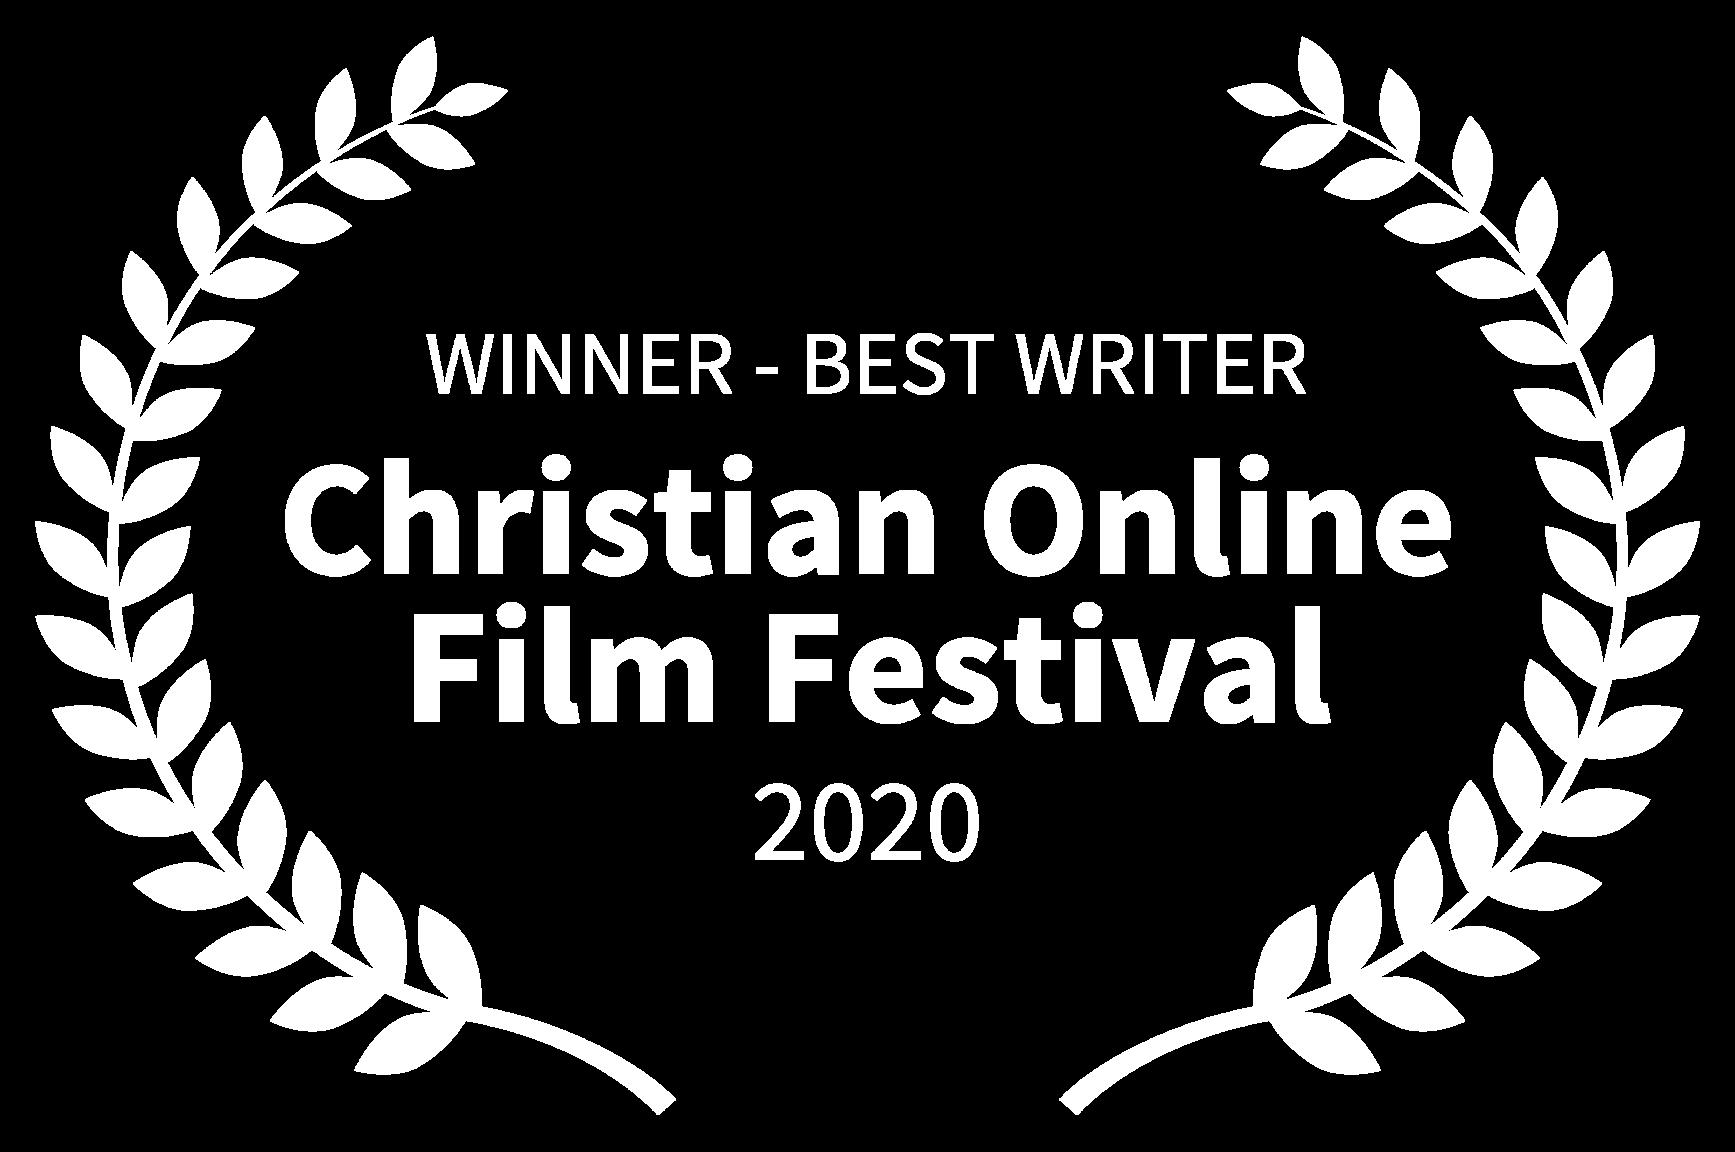 WINNER - BEST WRITER - Christian Online Film Festival - 2020